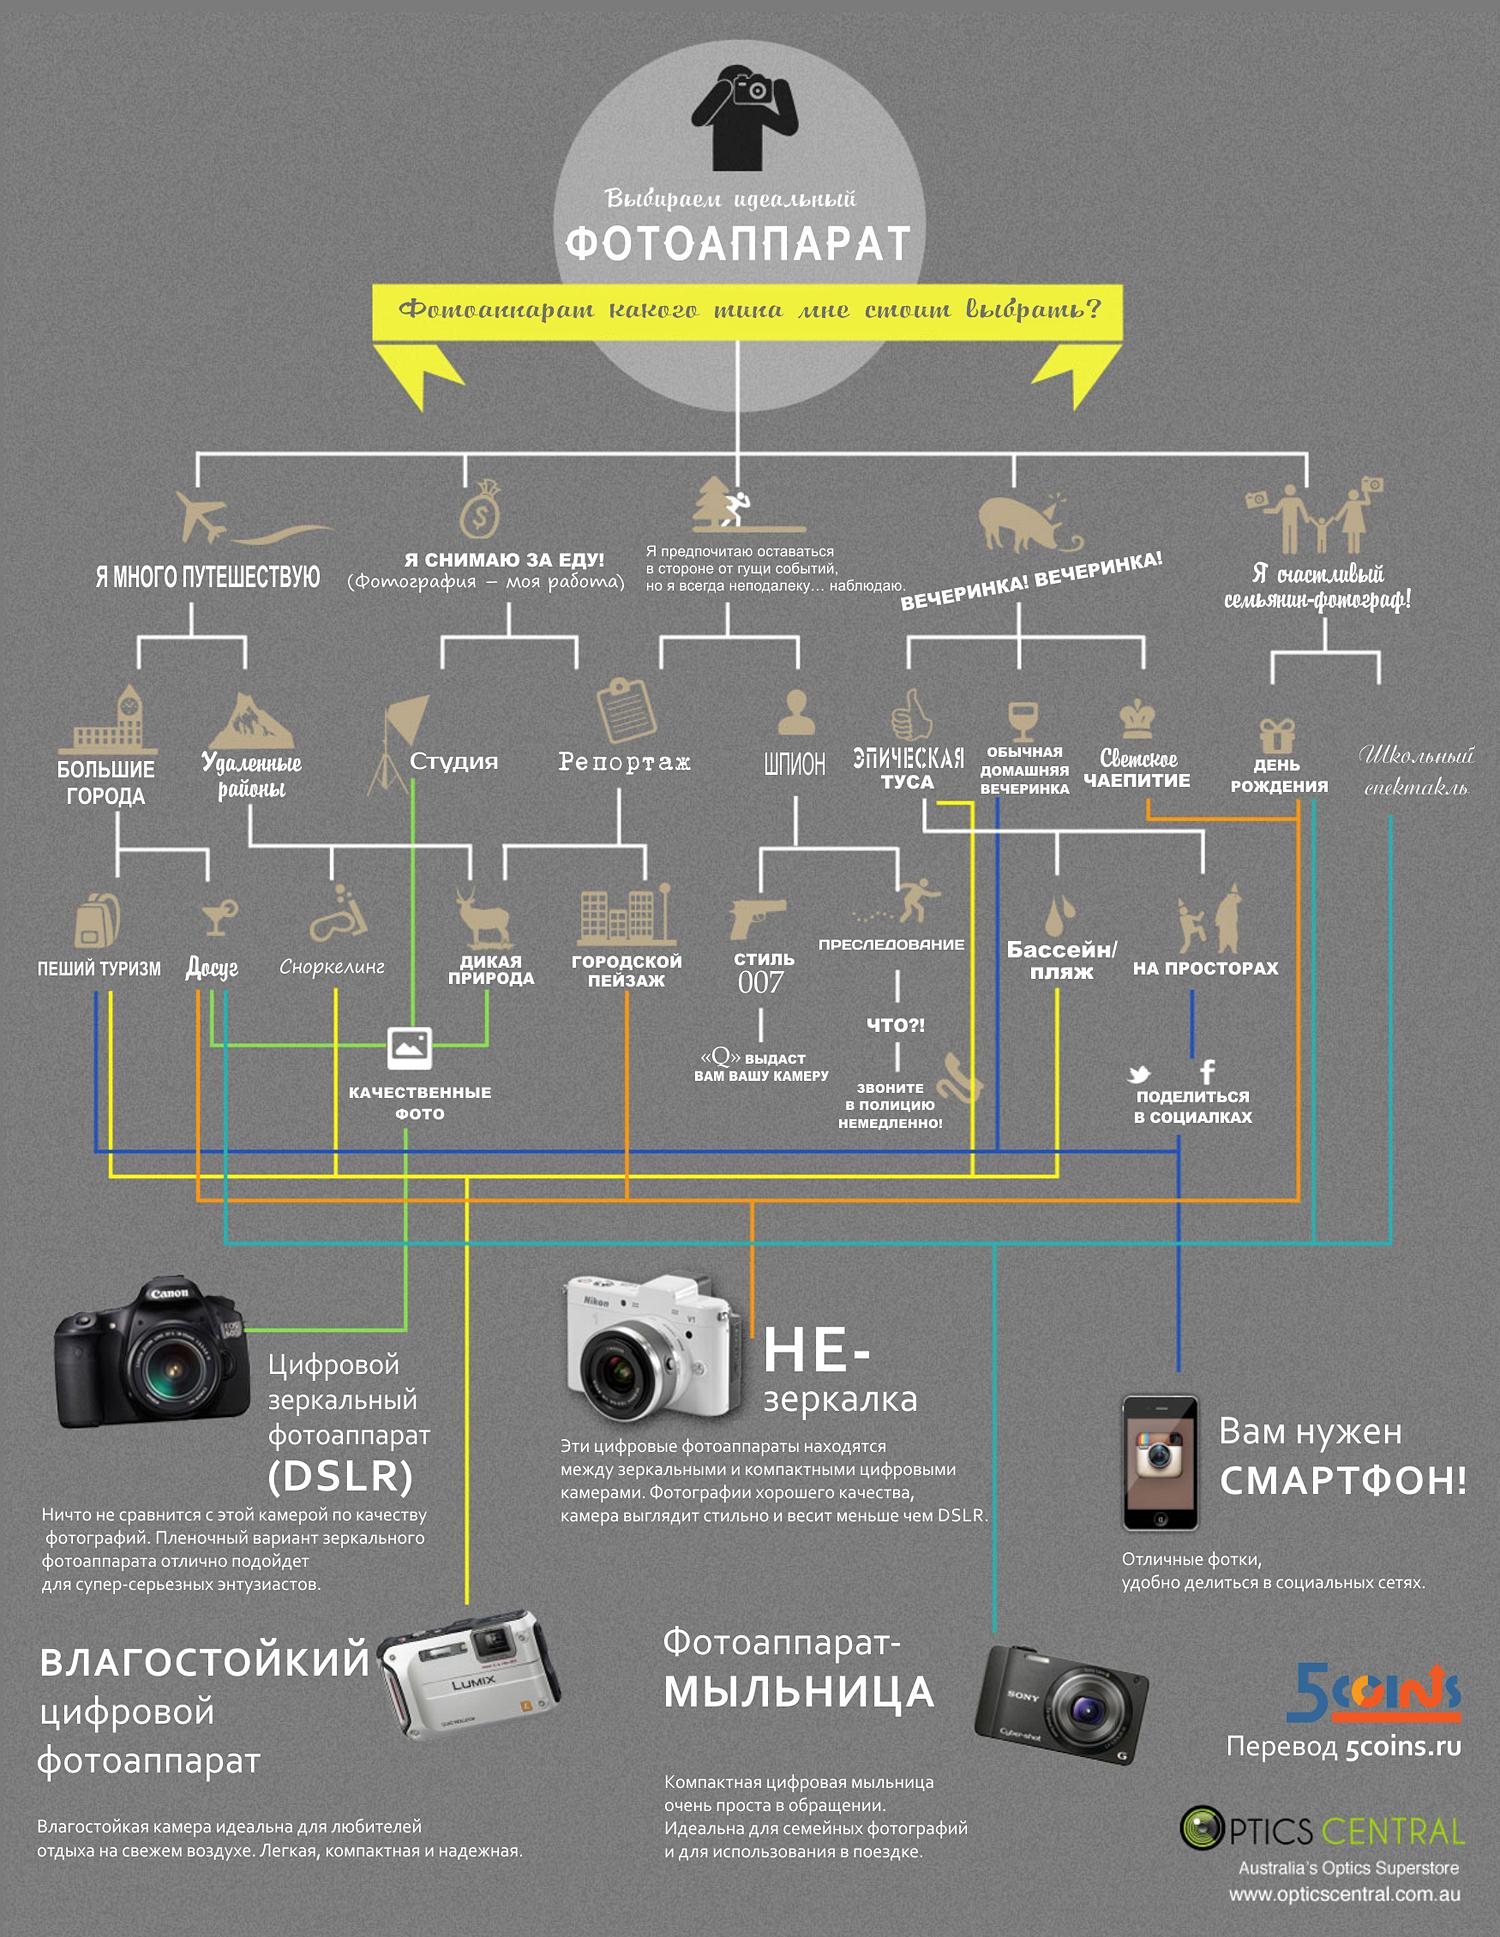 инфографика-какой-нужен-фотоаппарат-мыльница-зеркалка-346239